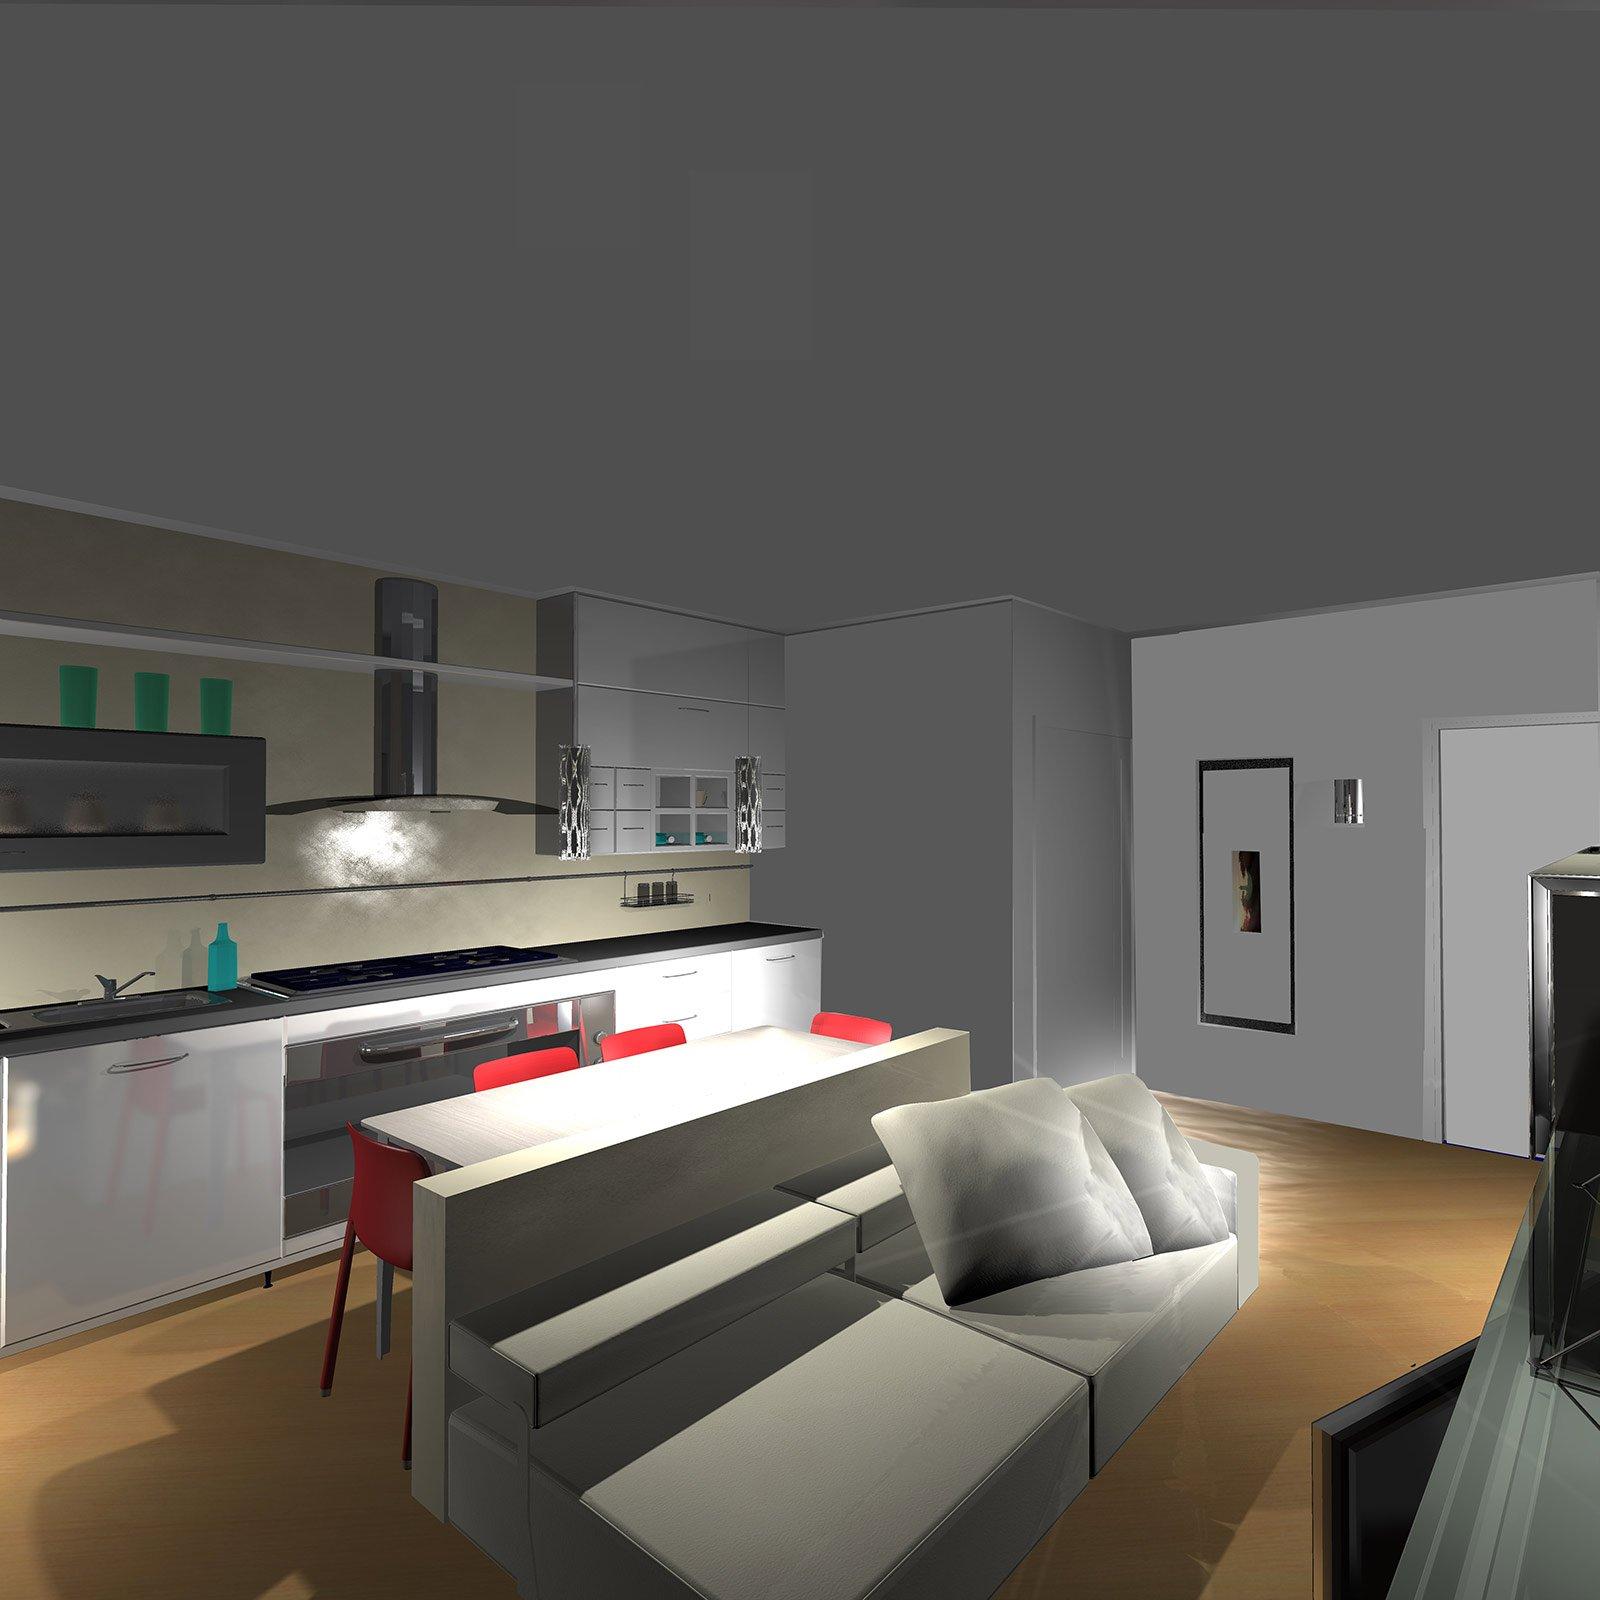 Dall 39 ingresso un living con cucina pianta e prospetti in for Cucina living